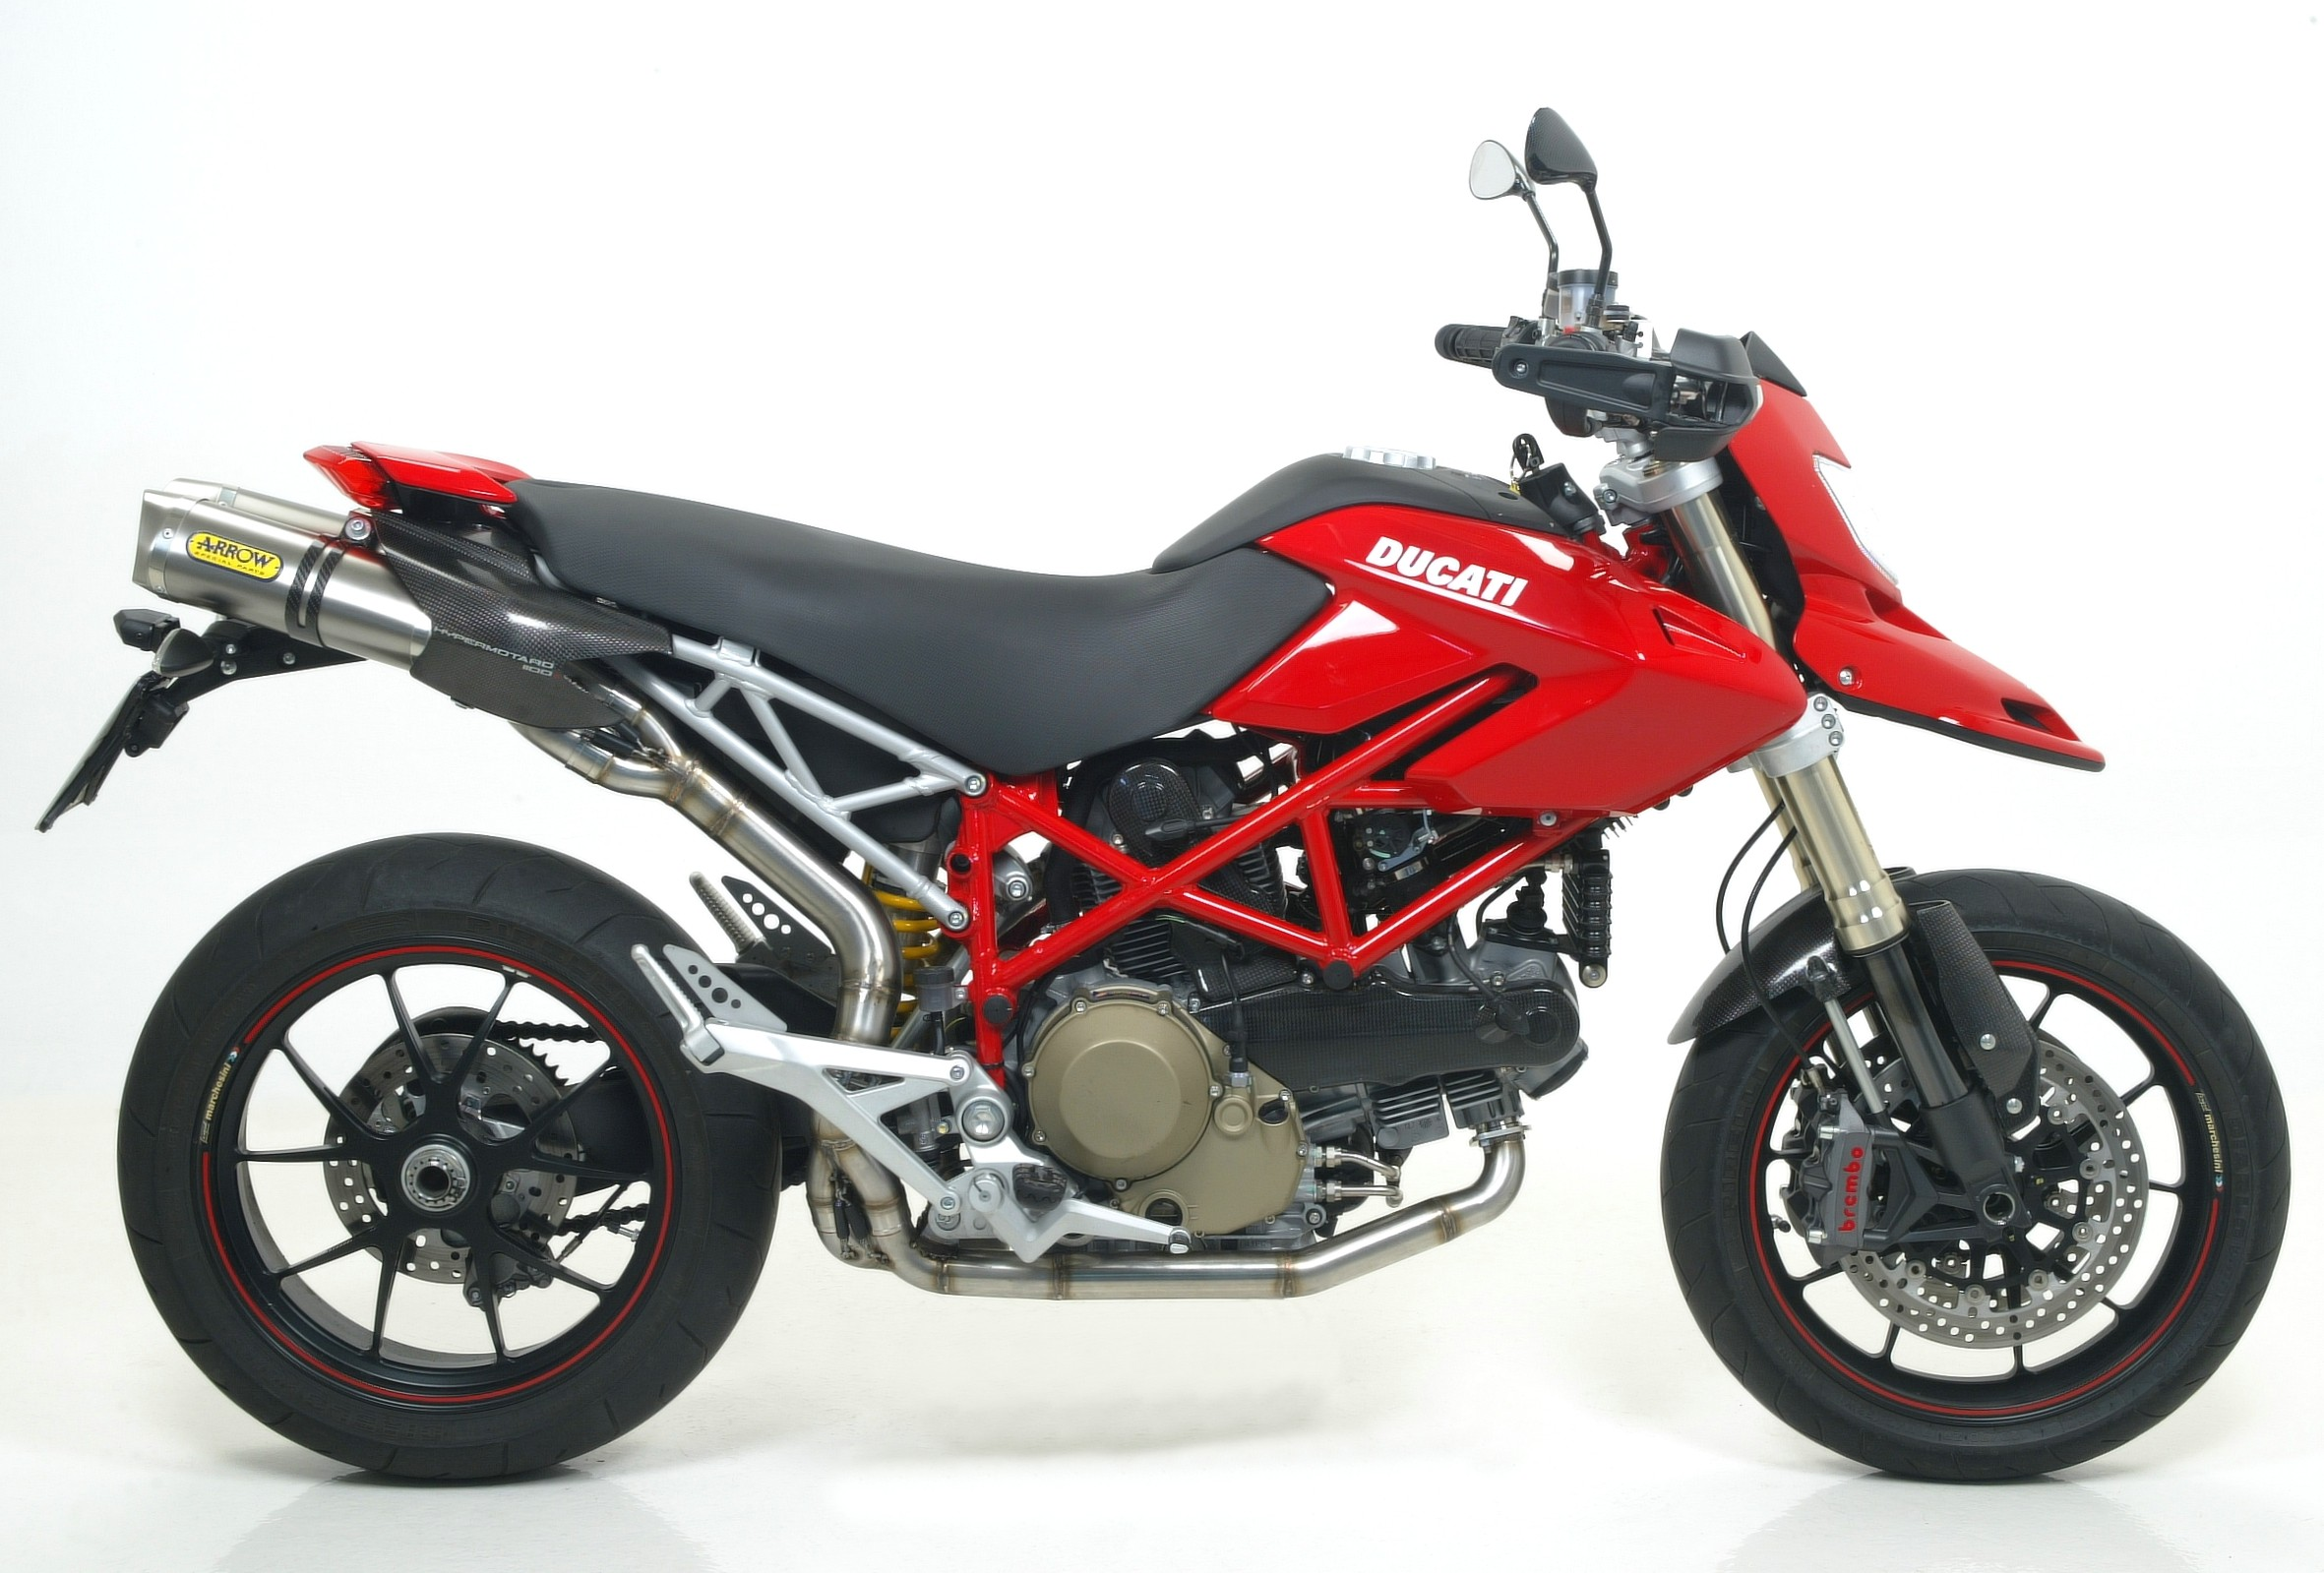 Ducati Supermoto For Sale